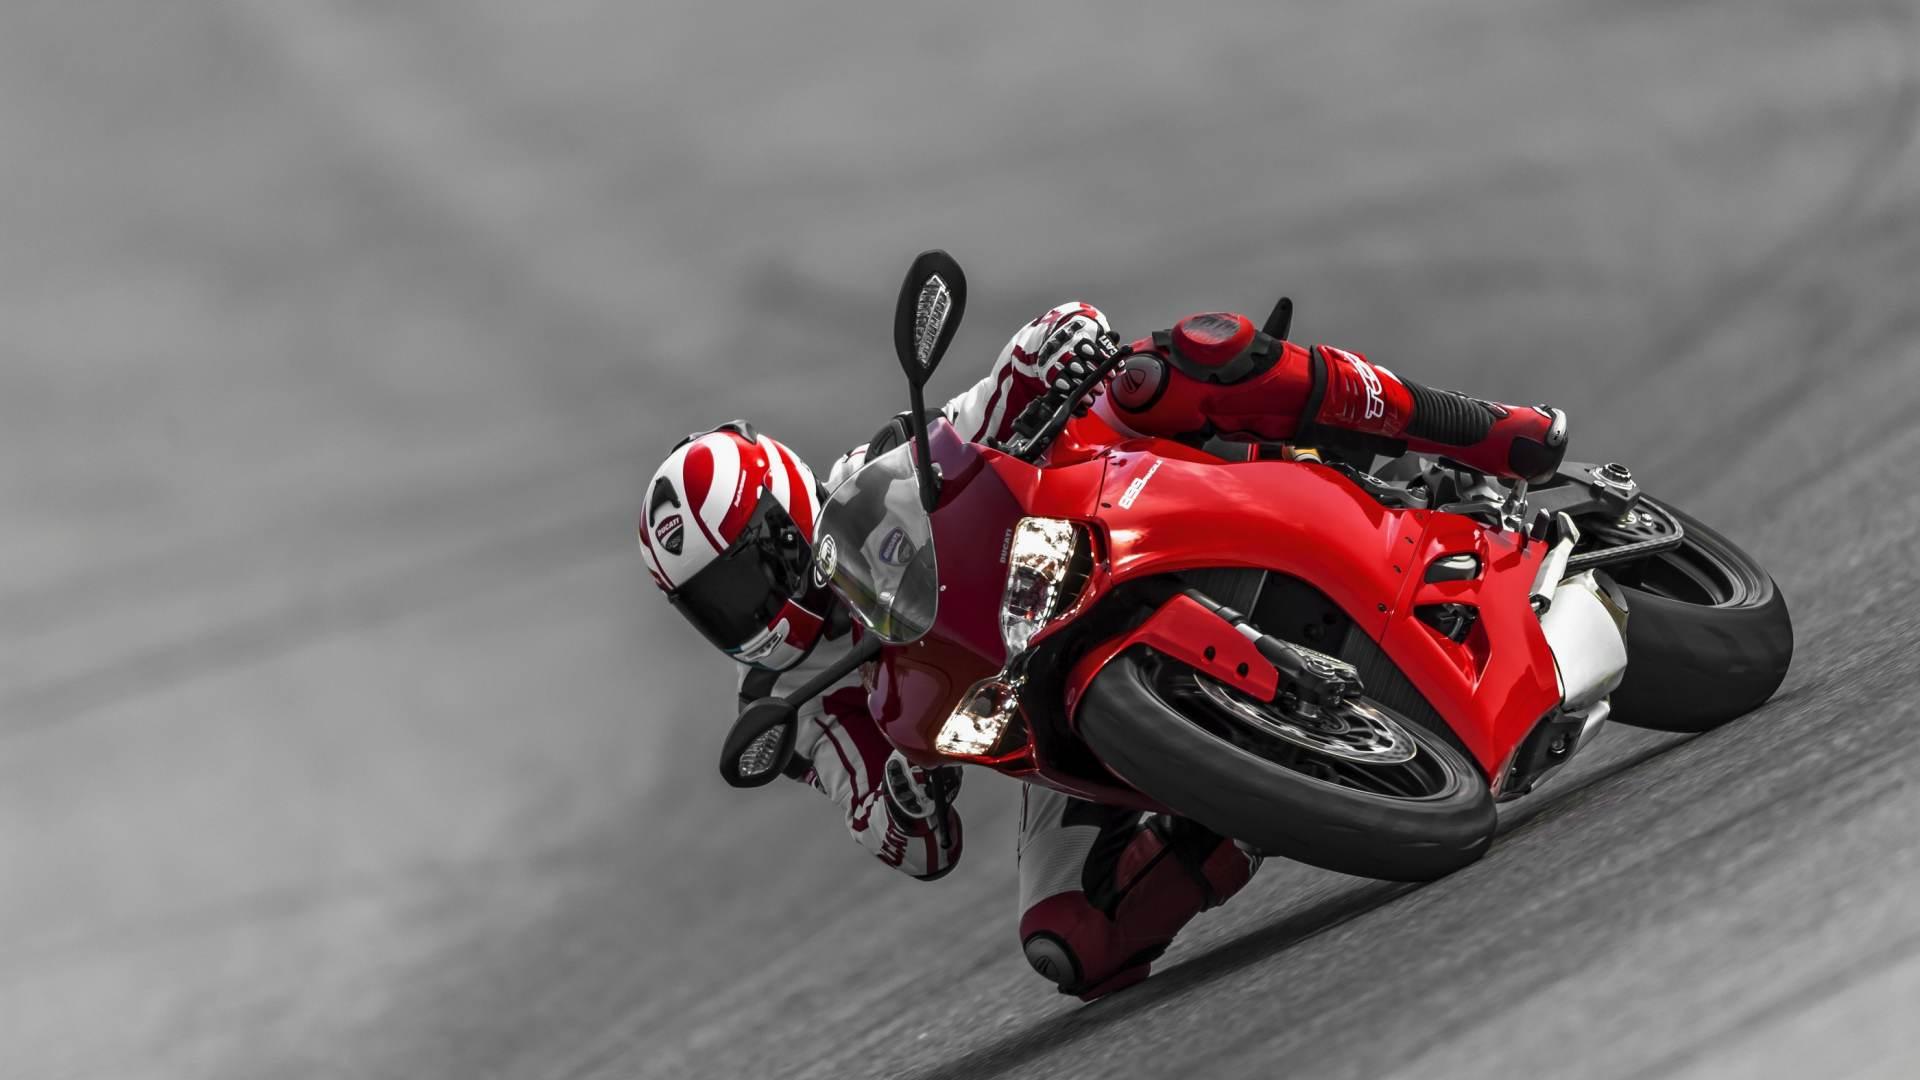 Ducati Panigale 899 — Стильный, Мощный и Дерзкий спортбайк